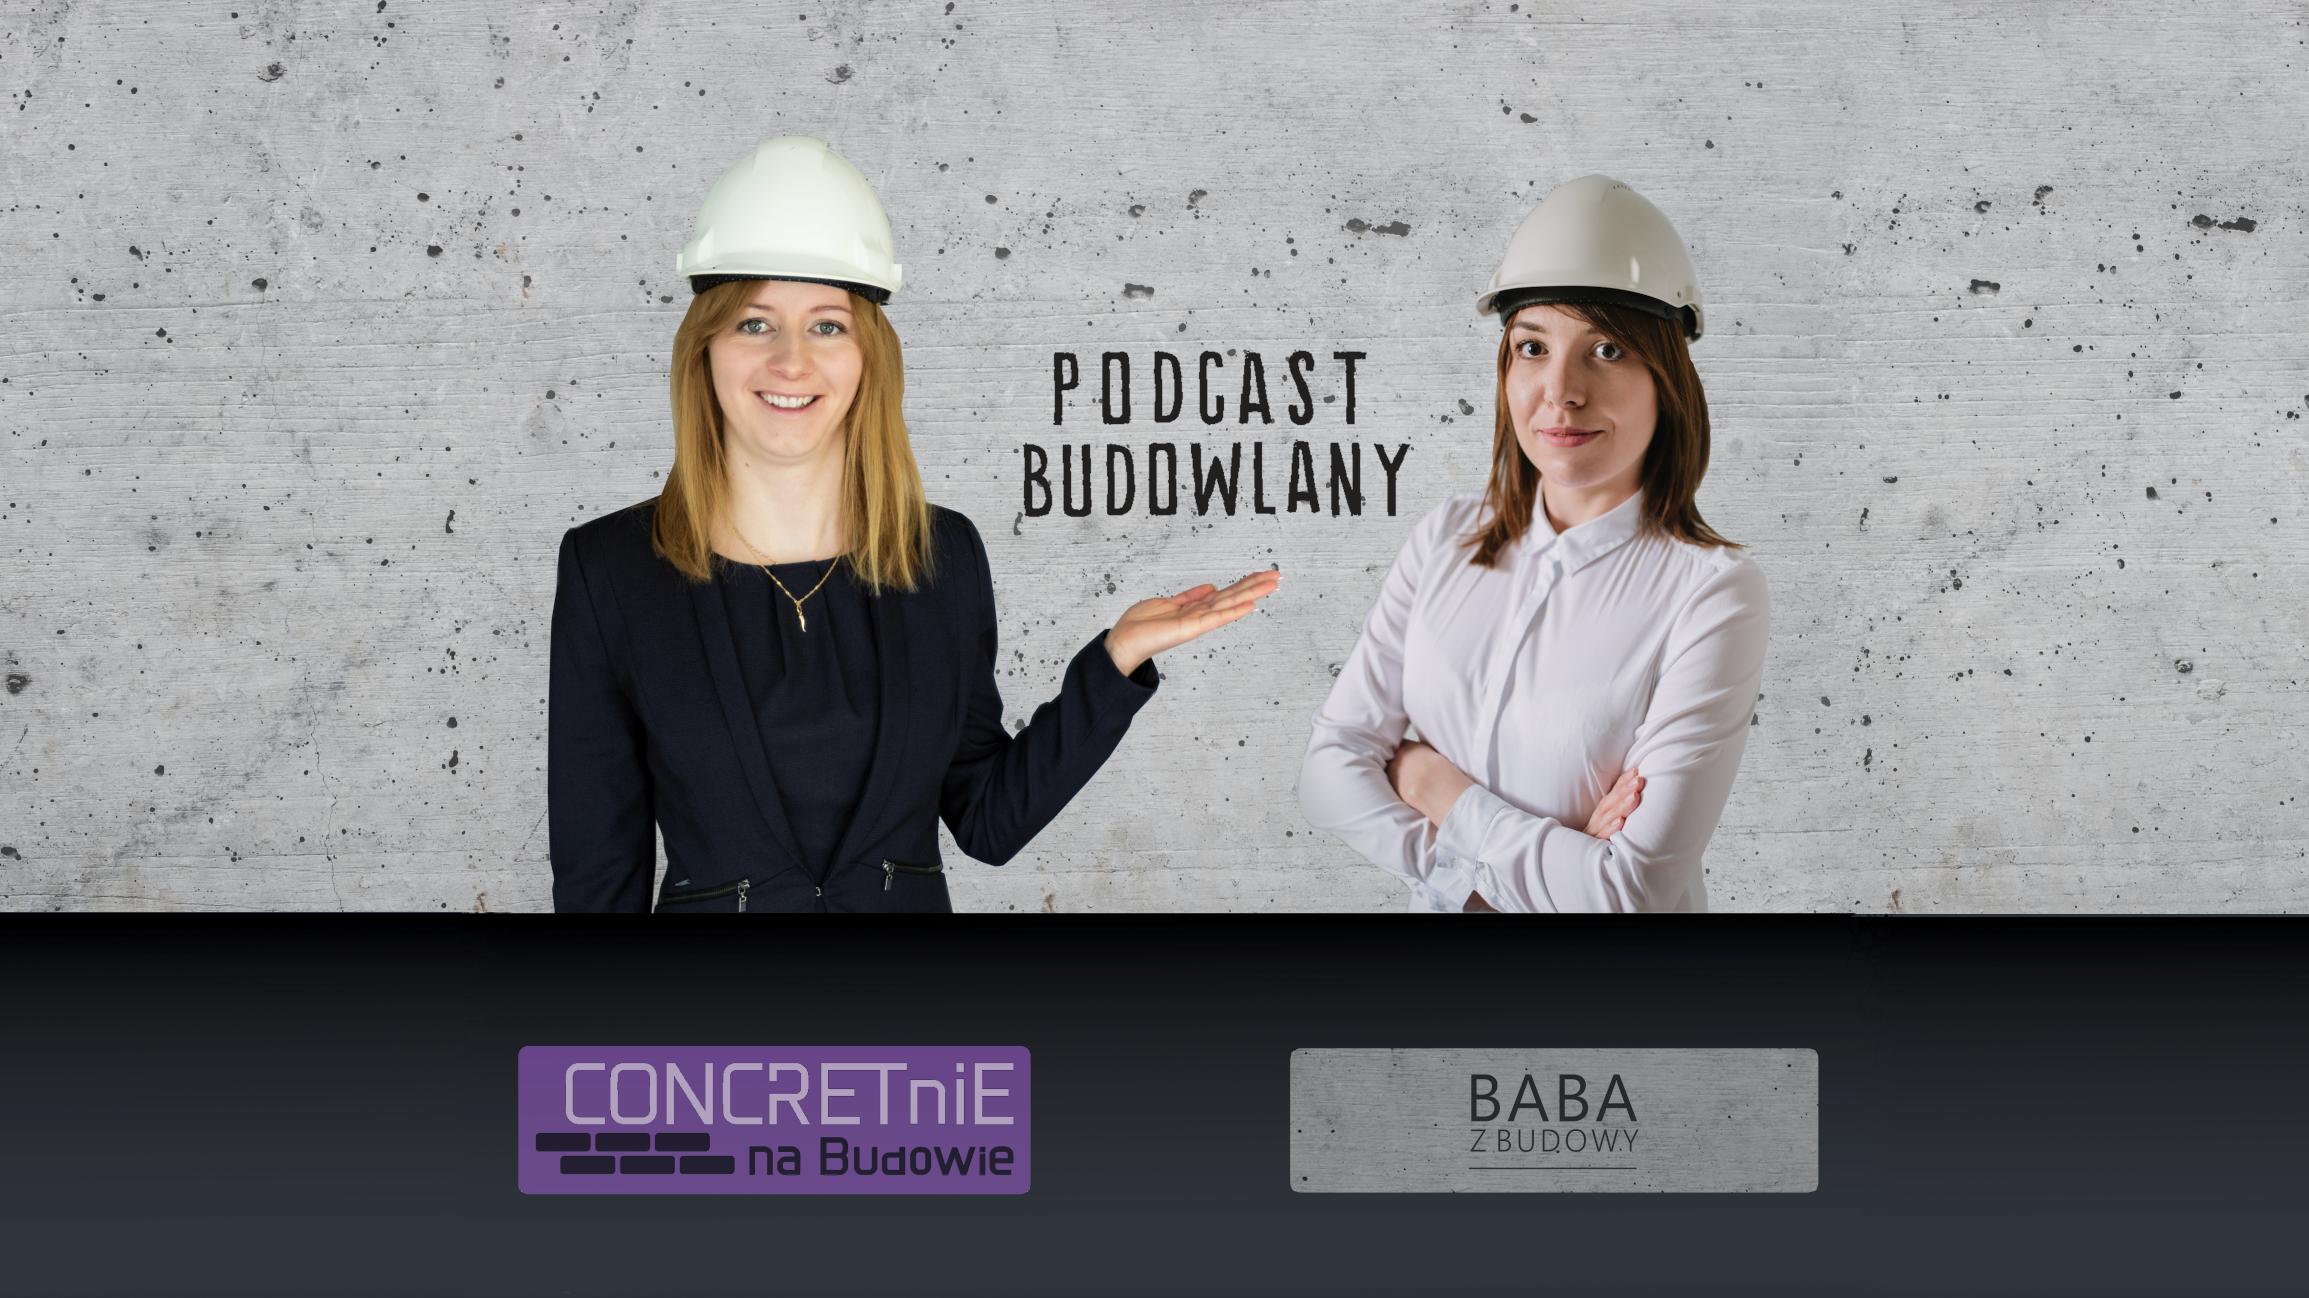 Podcast Budowlany: Odc. 01 – O czym będzie Podcast Budowlany?